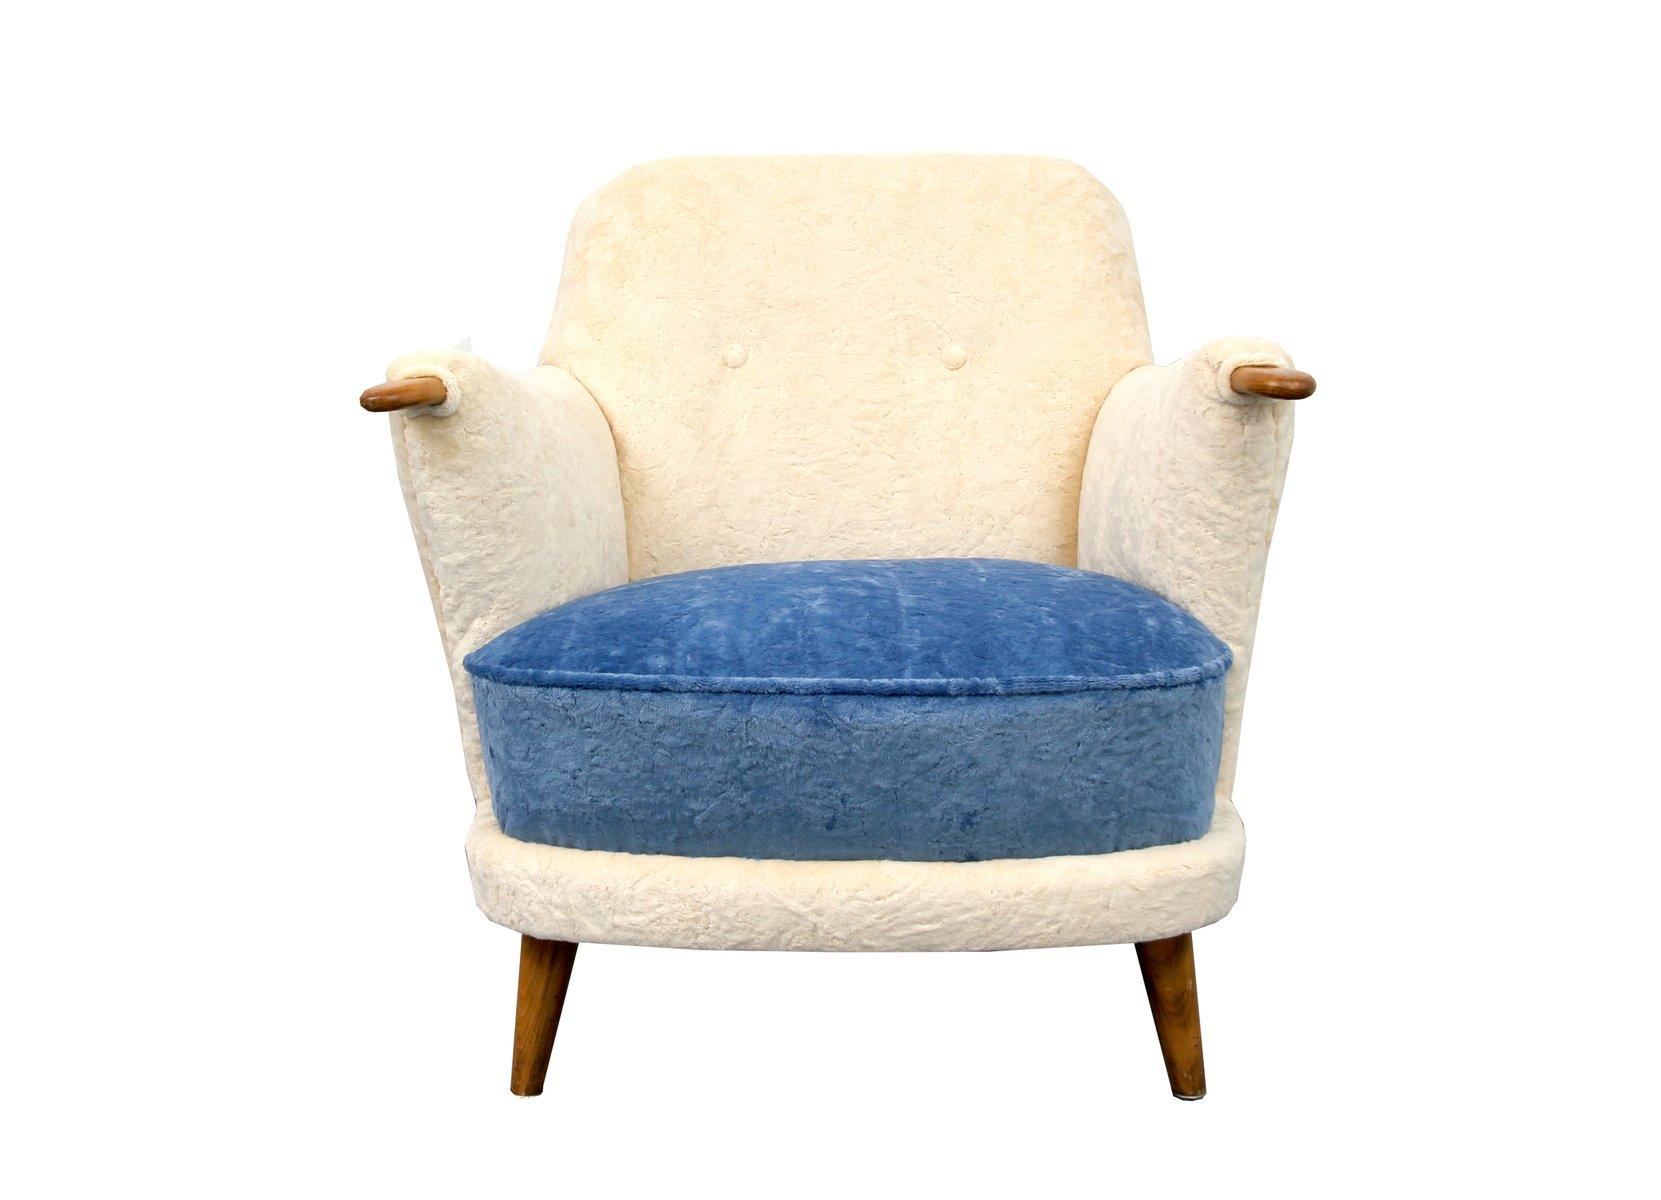 fauteuil couleur creme et bleu 1950s 1 Résultat Supérieur 50 Meilleur De Fauteuil De Couleur Pic 2017 Jdt4